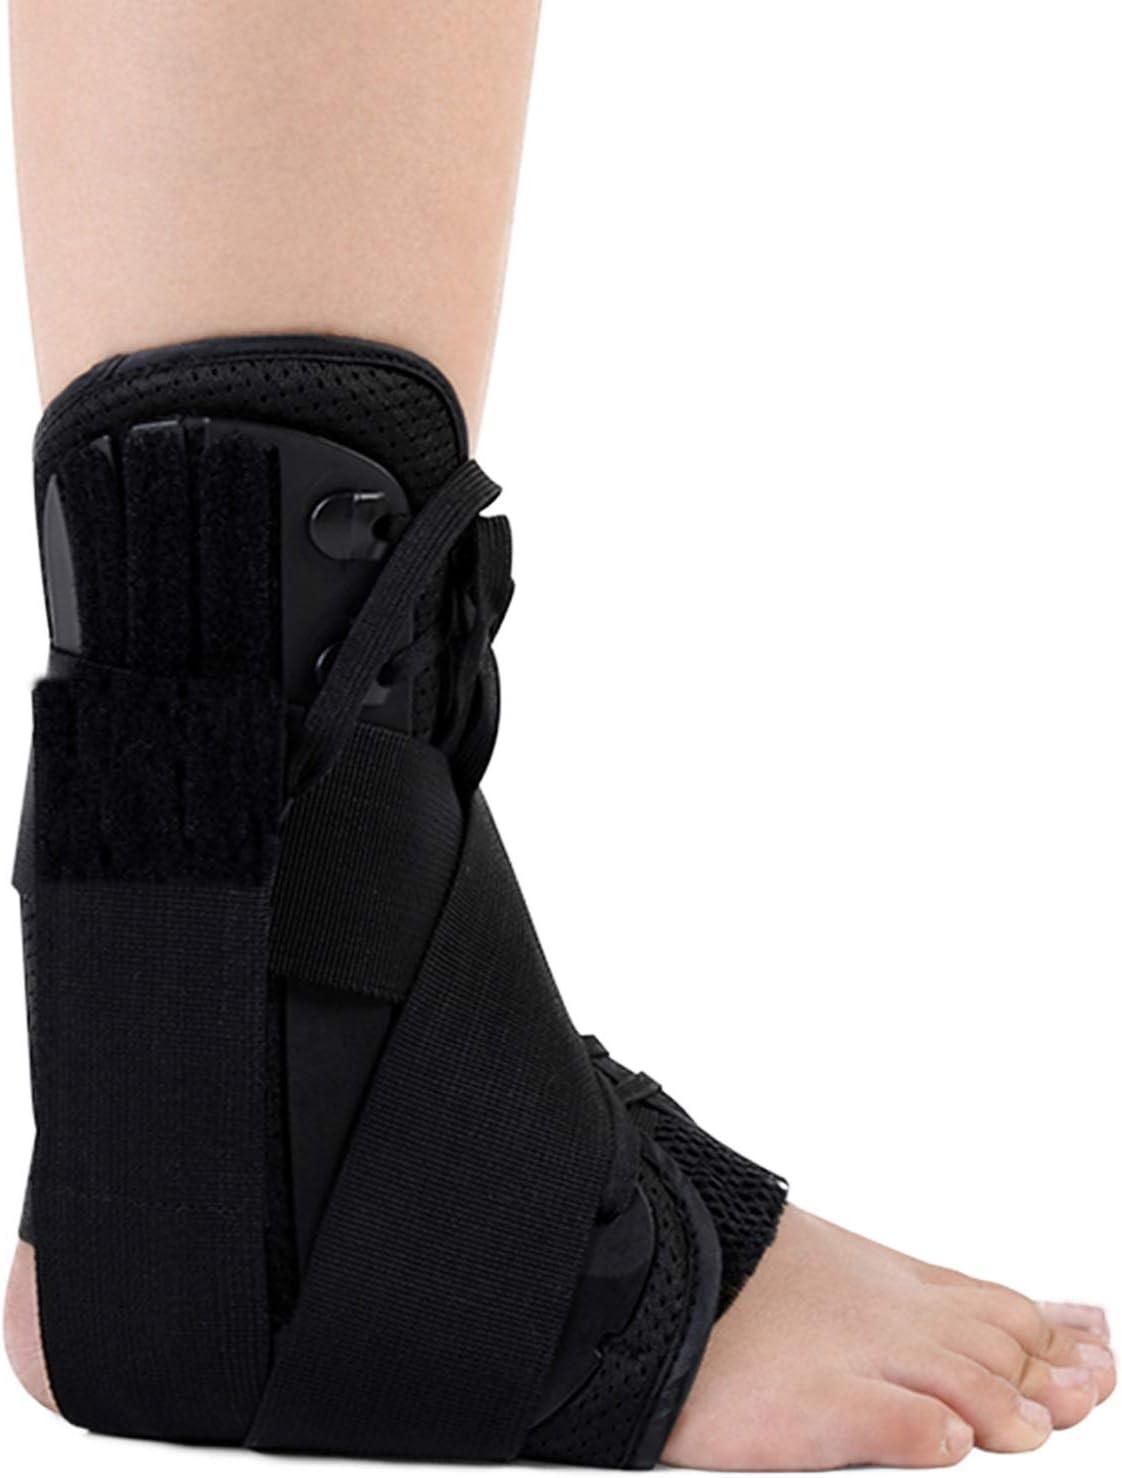 YOYI Tobillera Órtesis de tobillo, soporte de esguince de tobillo ajustable,transpirable,órtesis de compresión para artritis, lesiones deportivas en hombres y mujeres,facilitar recuperación (L)